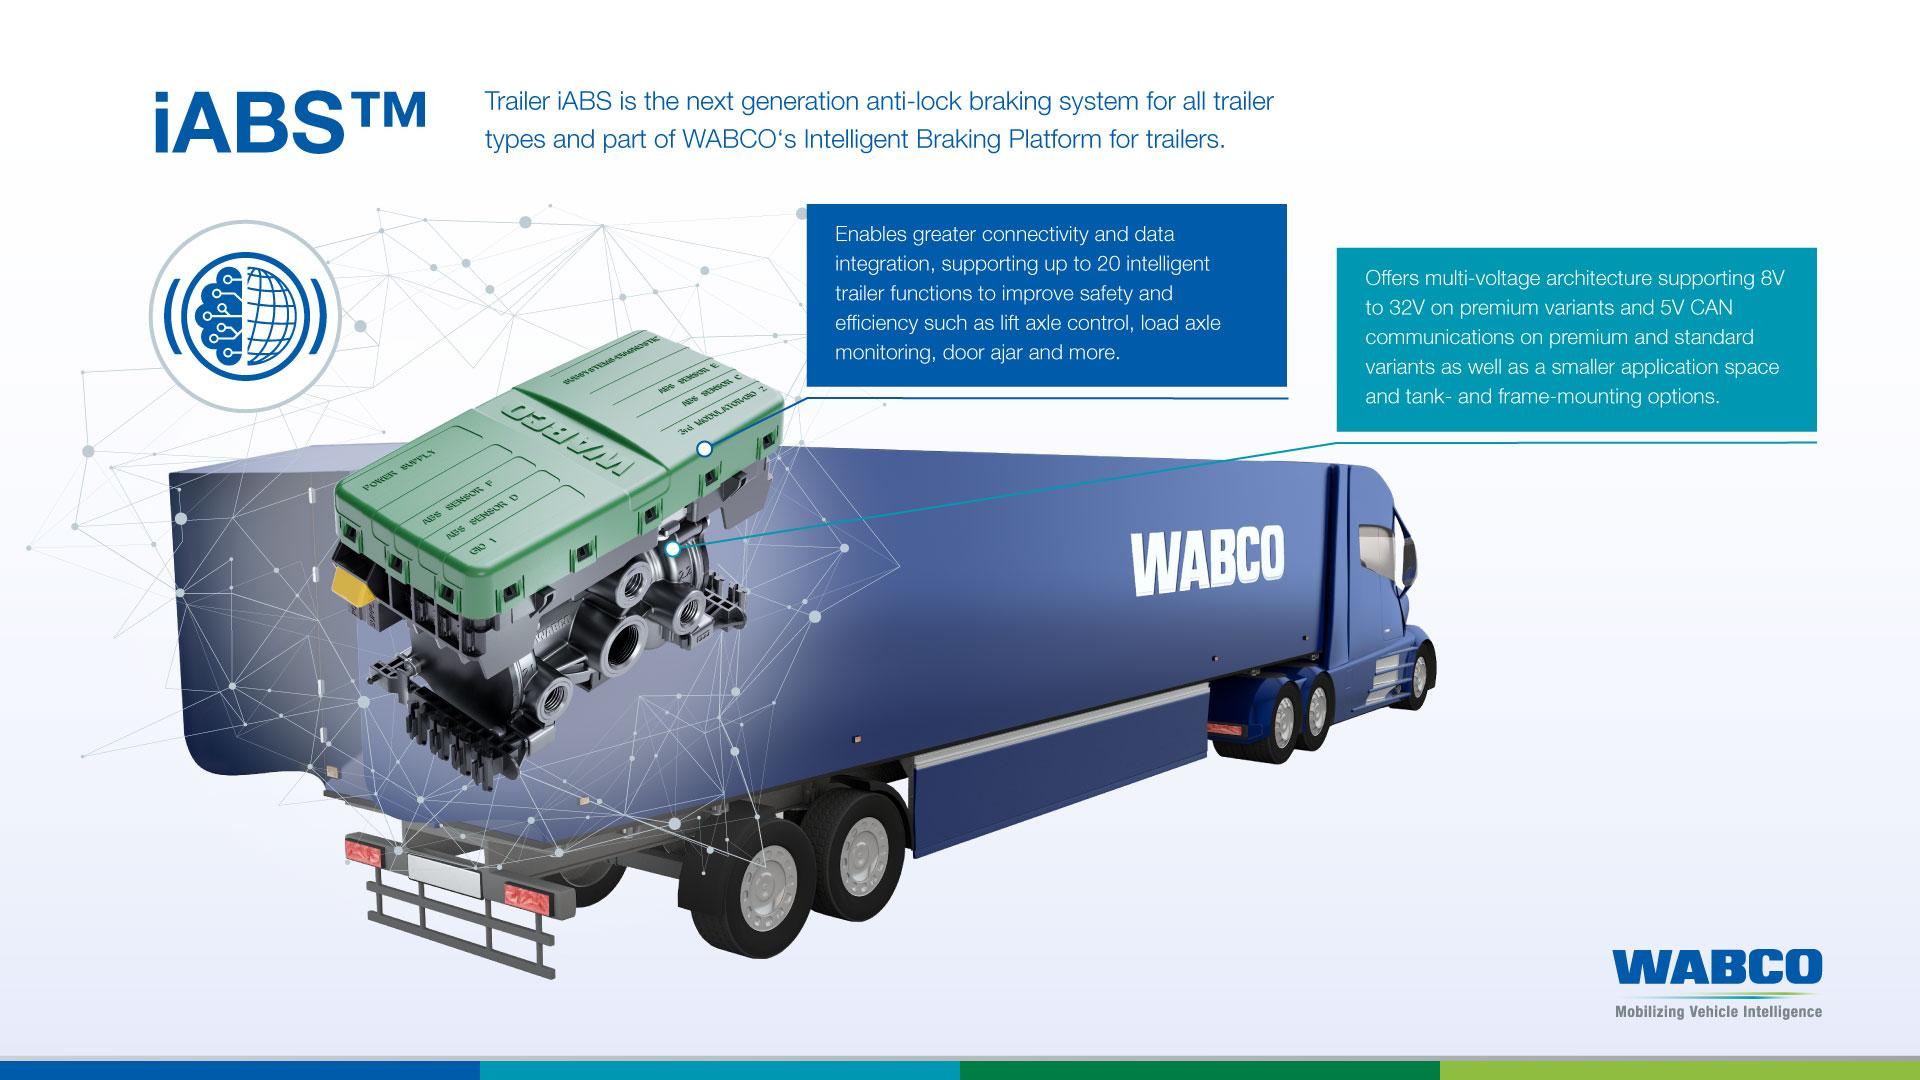 WABCO lansează noul sistem de frânare inteligent pentru remorci iABS